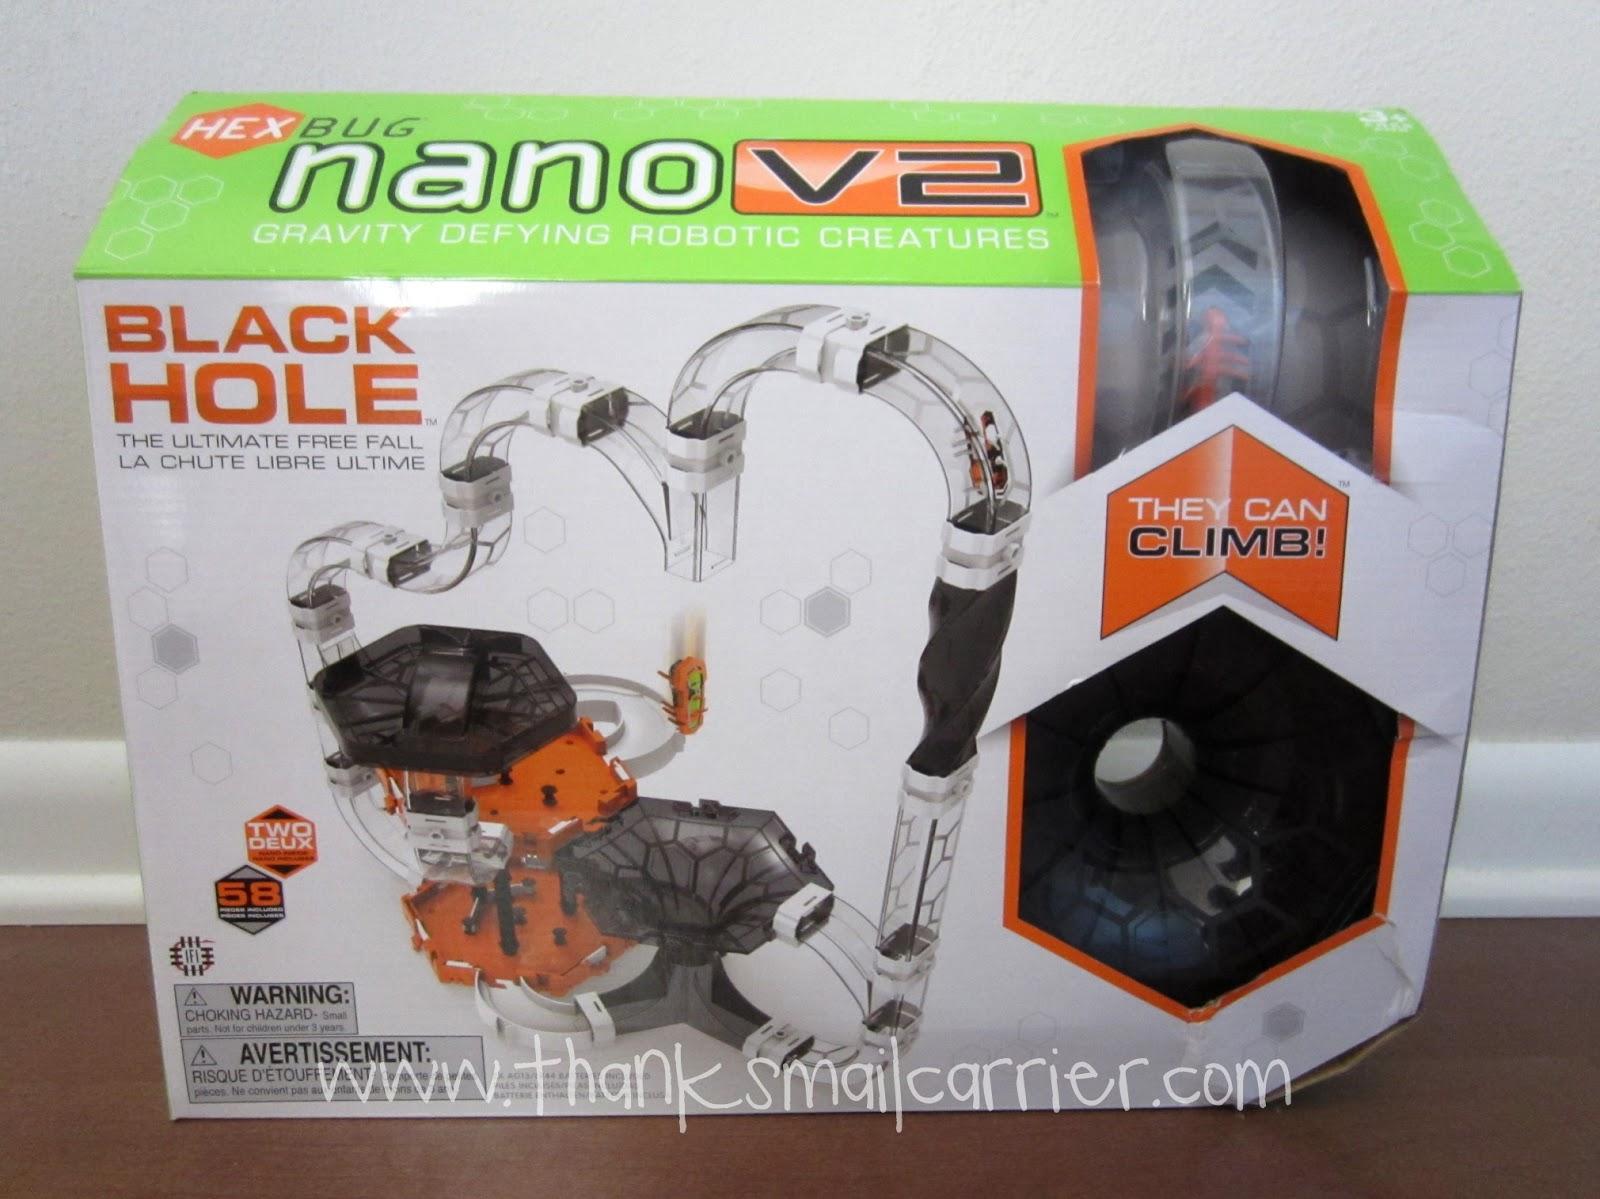 hexbug nano v2 black hole - photo #2